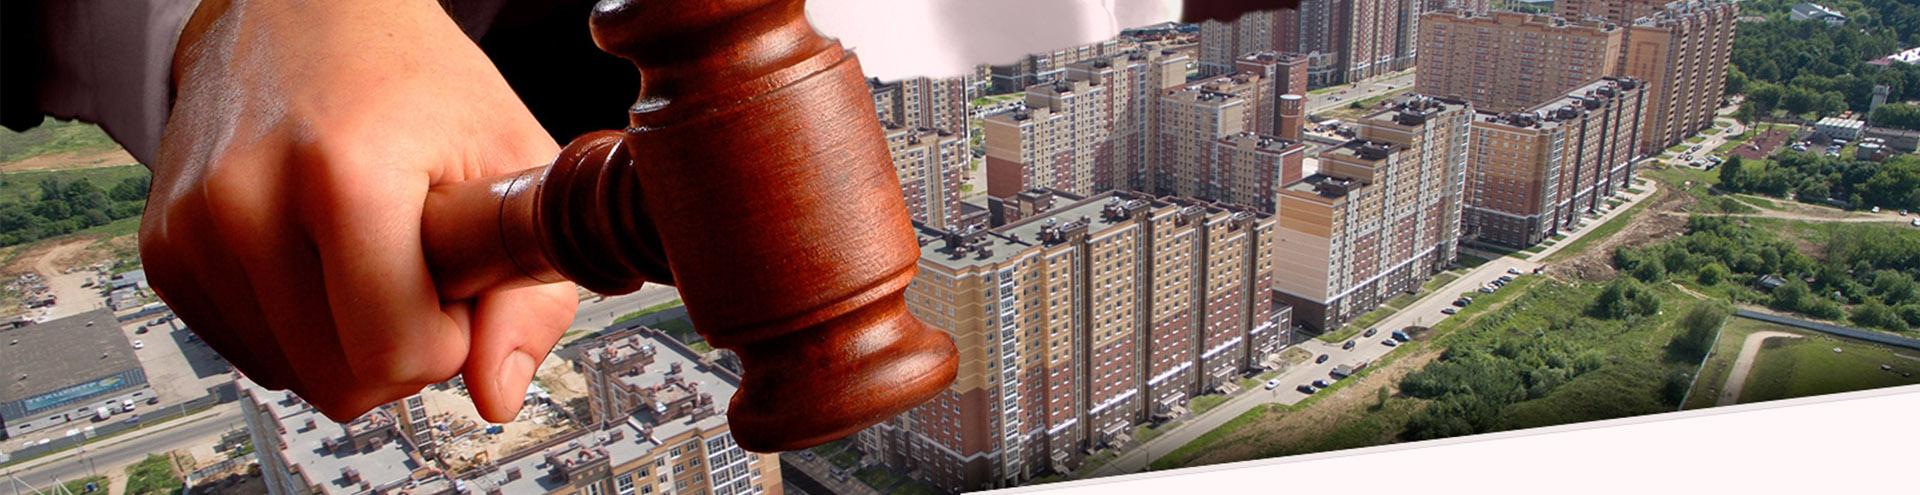 Суд с застройщиком в Саратове и Саратовской области